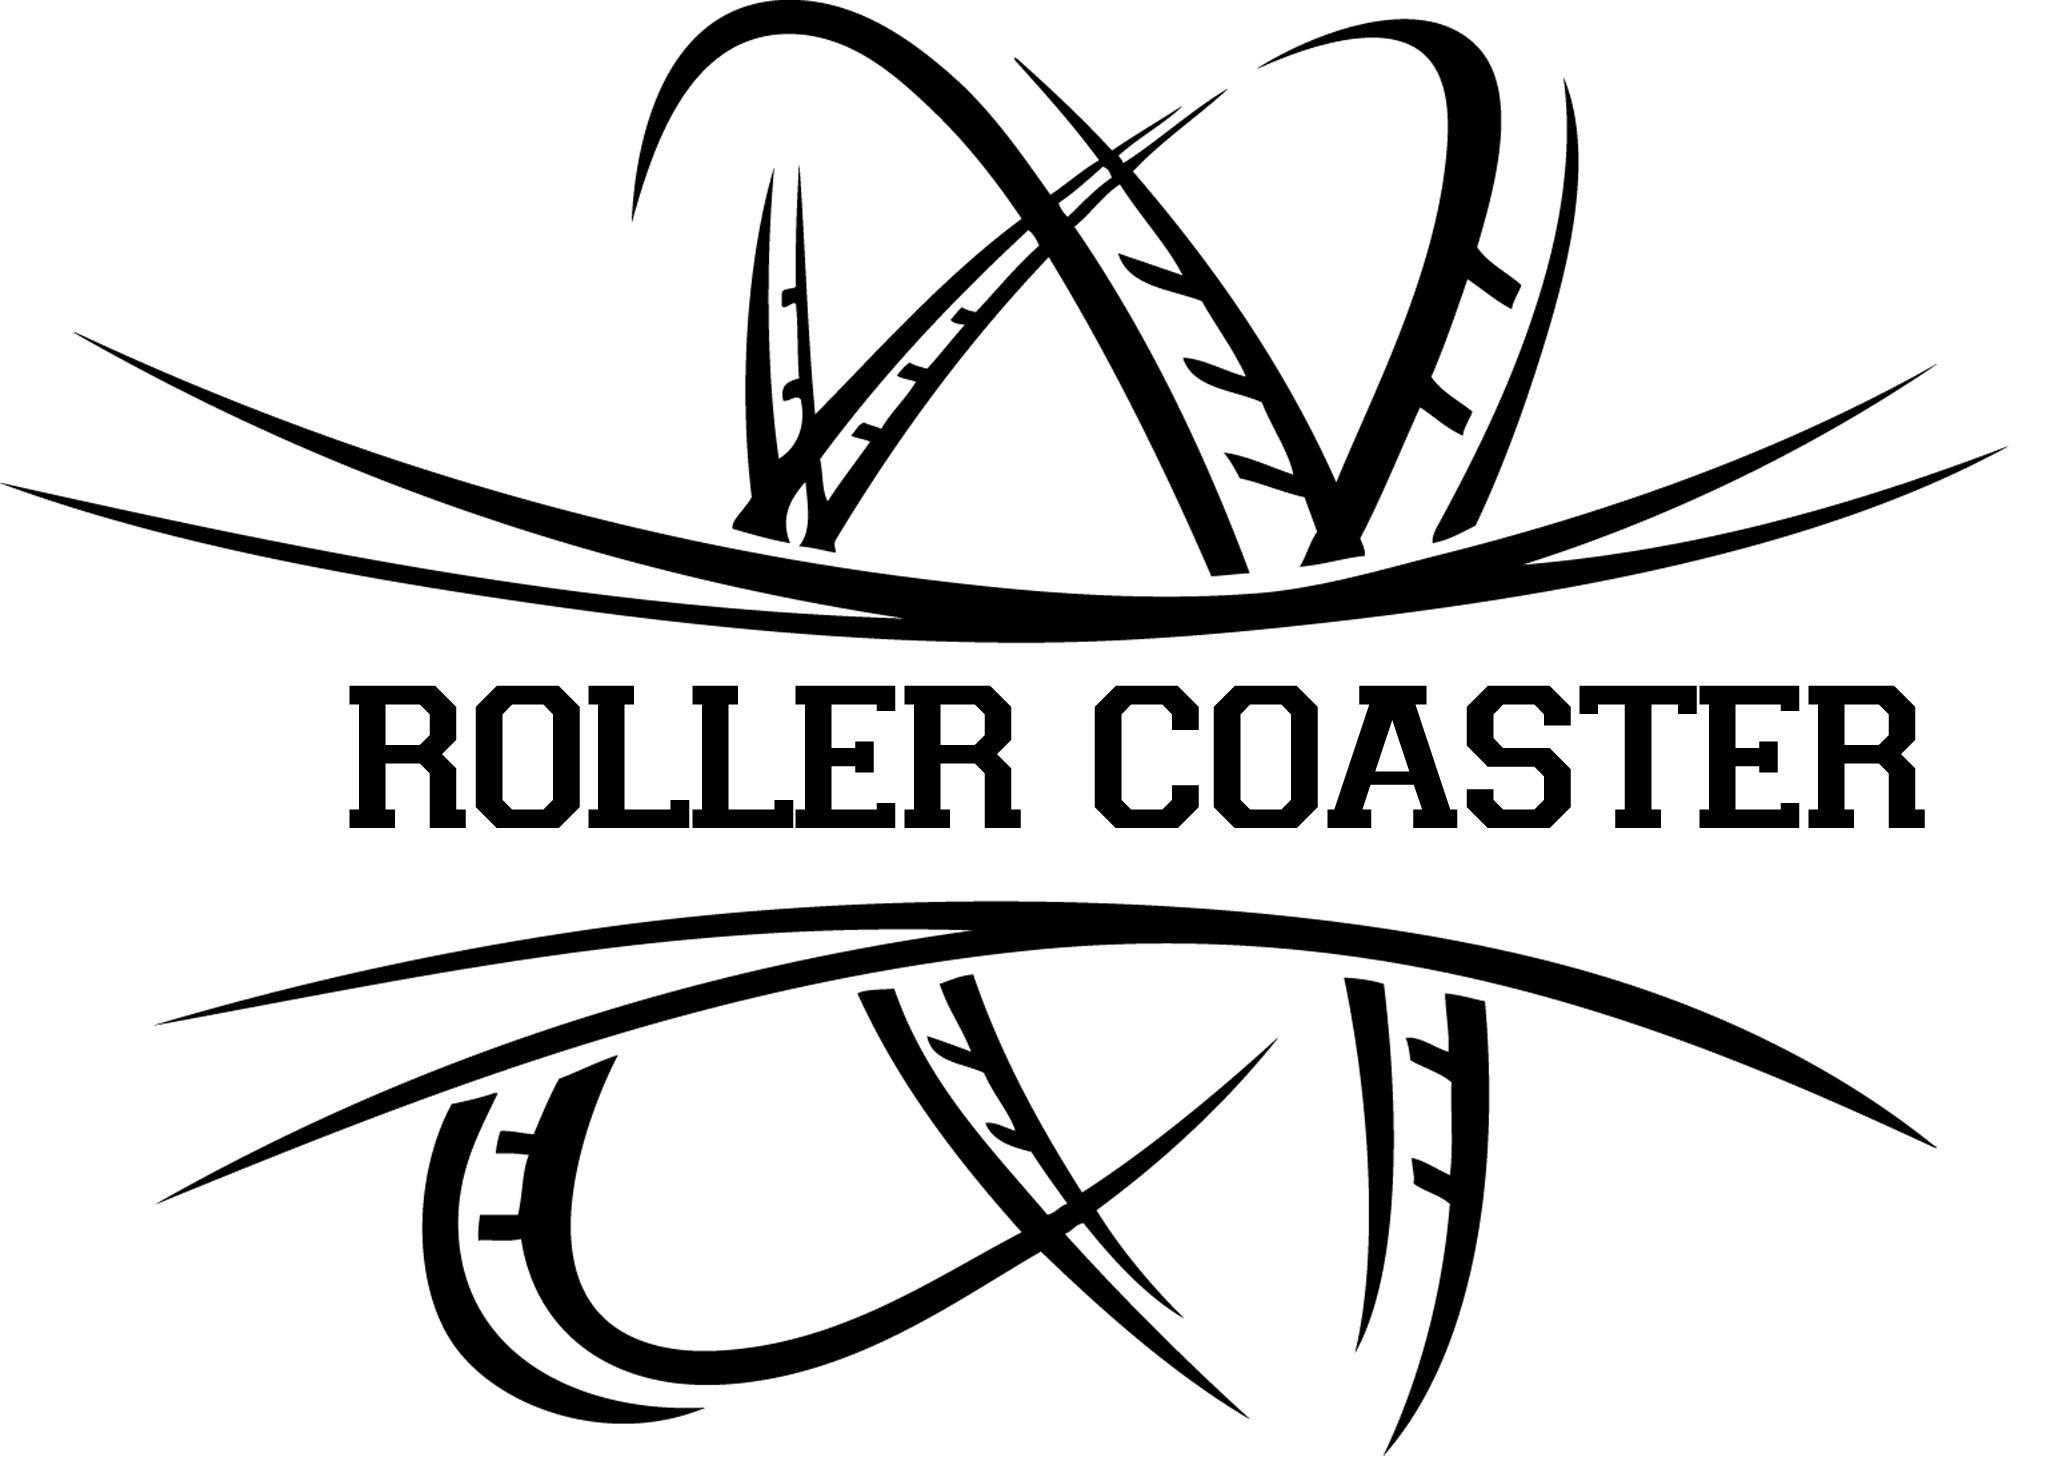 Roller coaster Logos